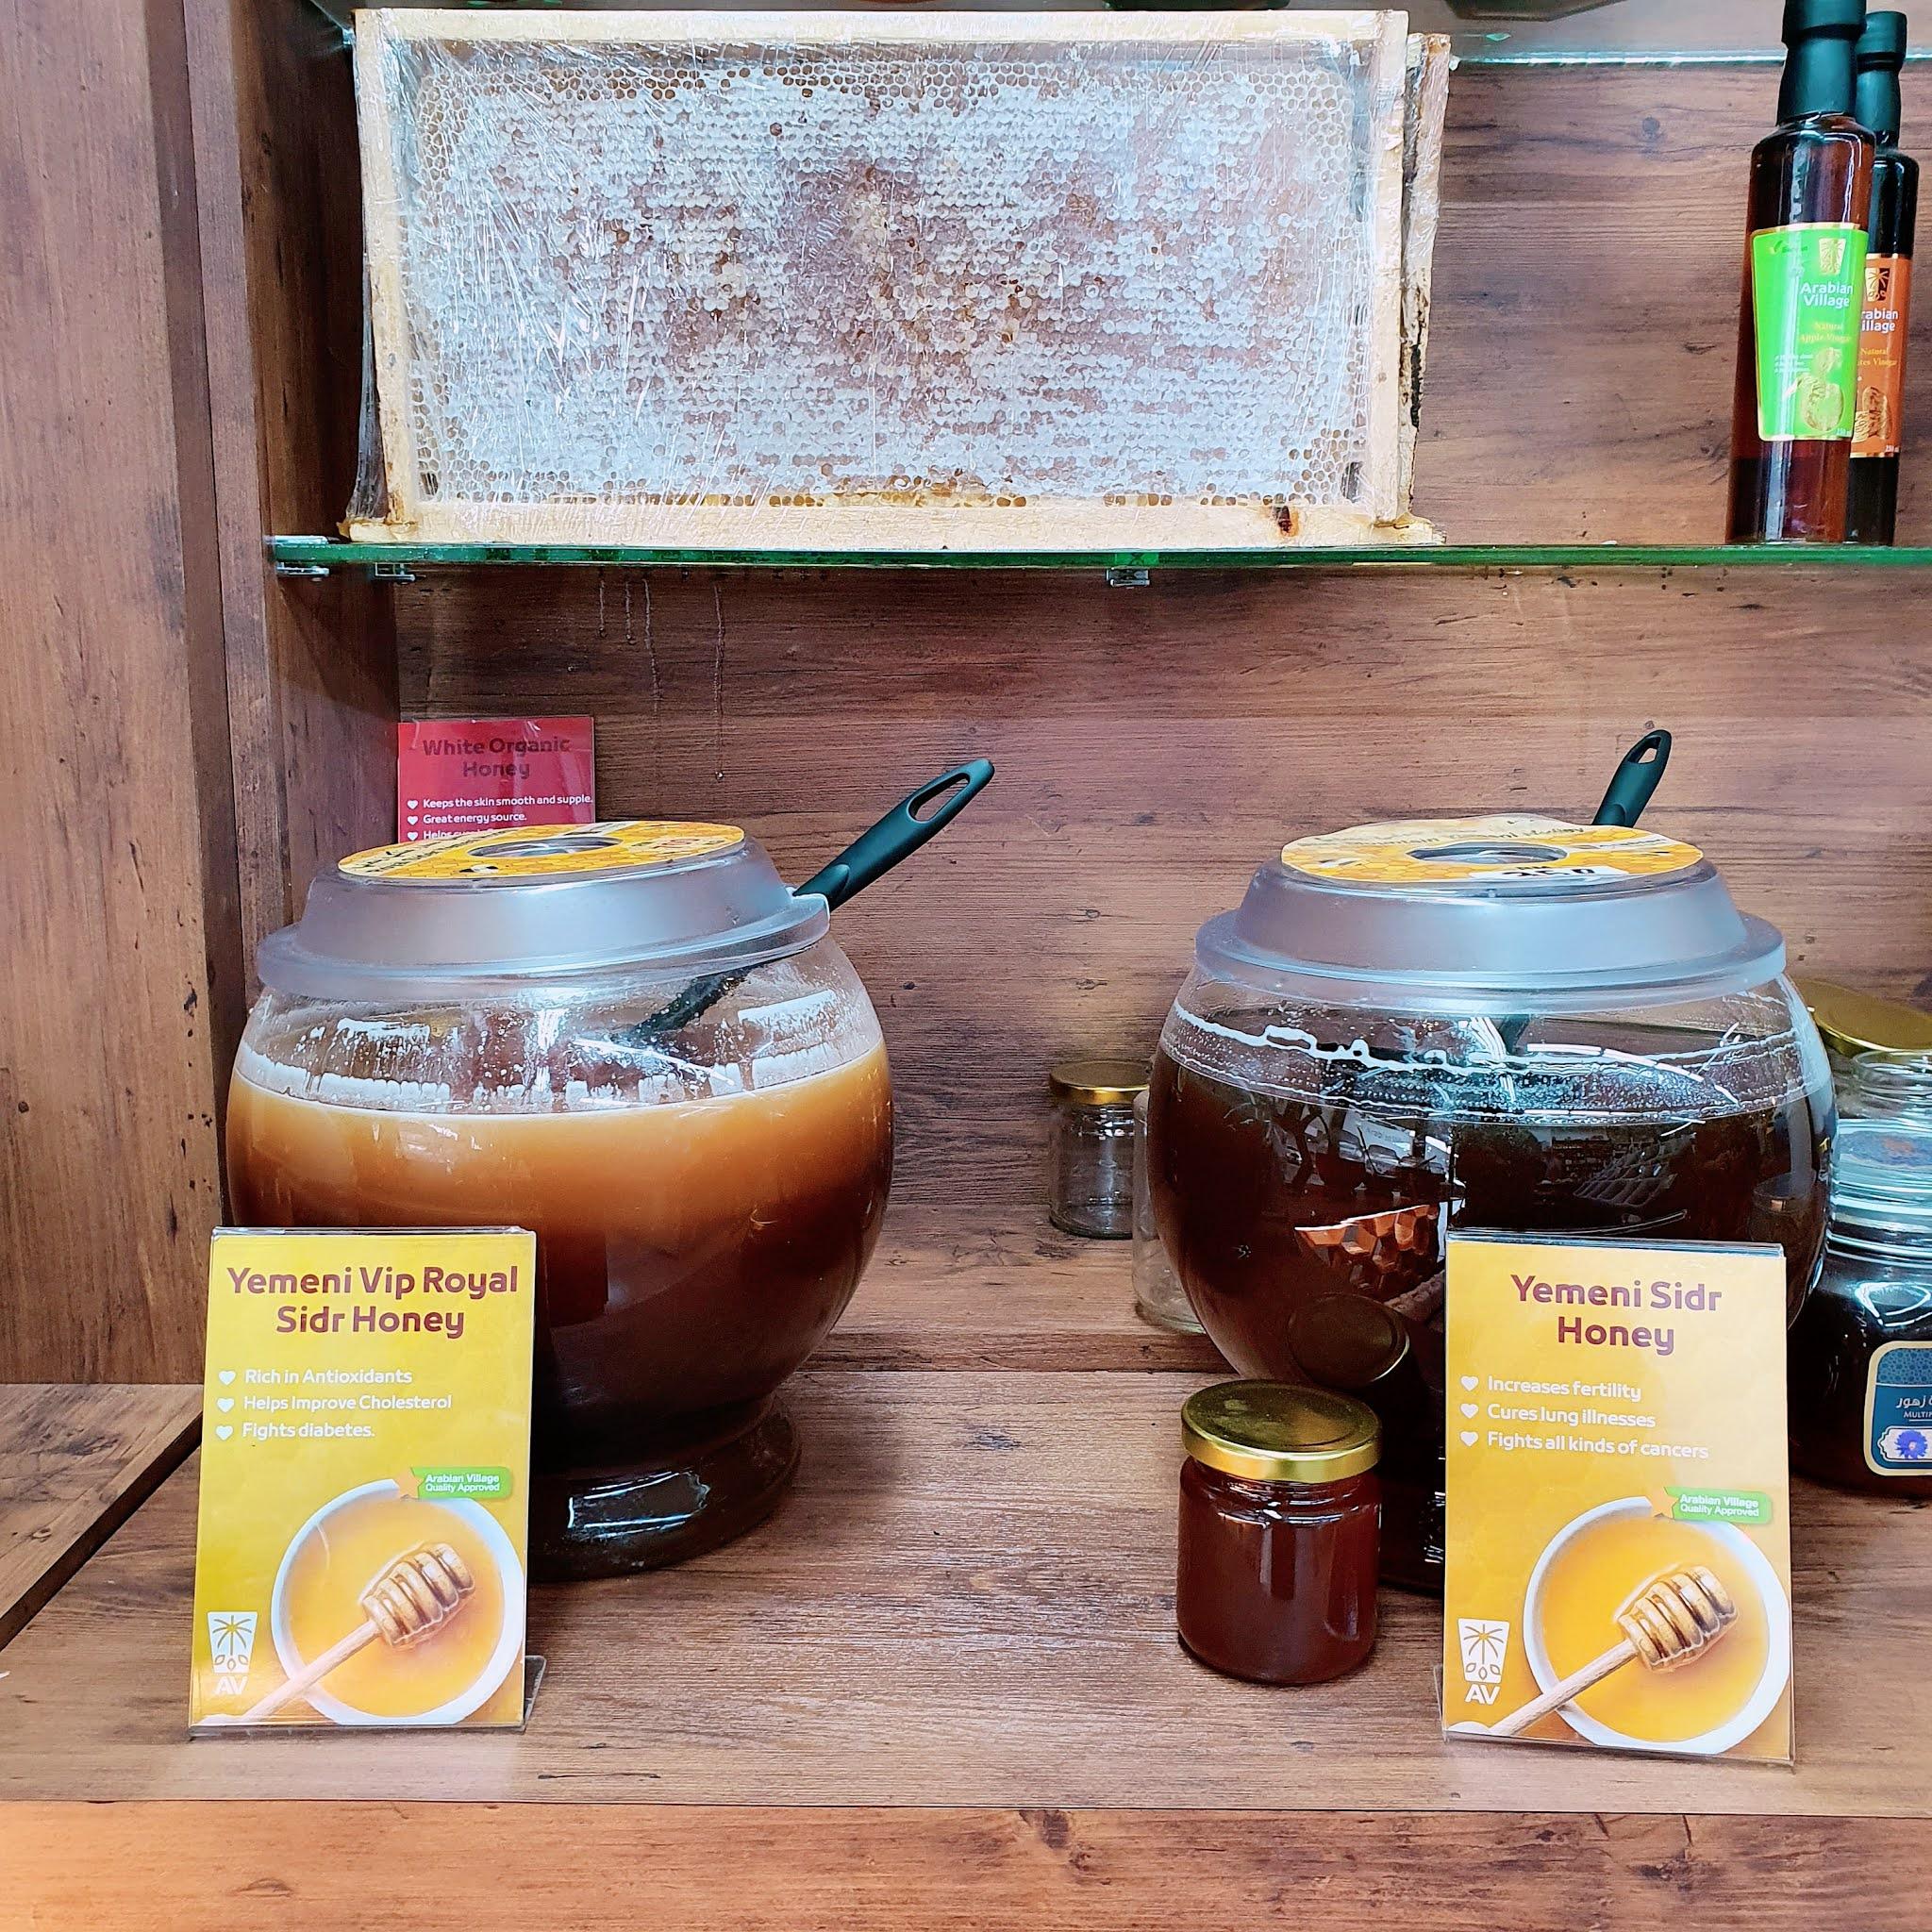 yemeni sidr honey